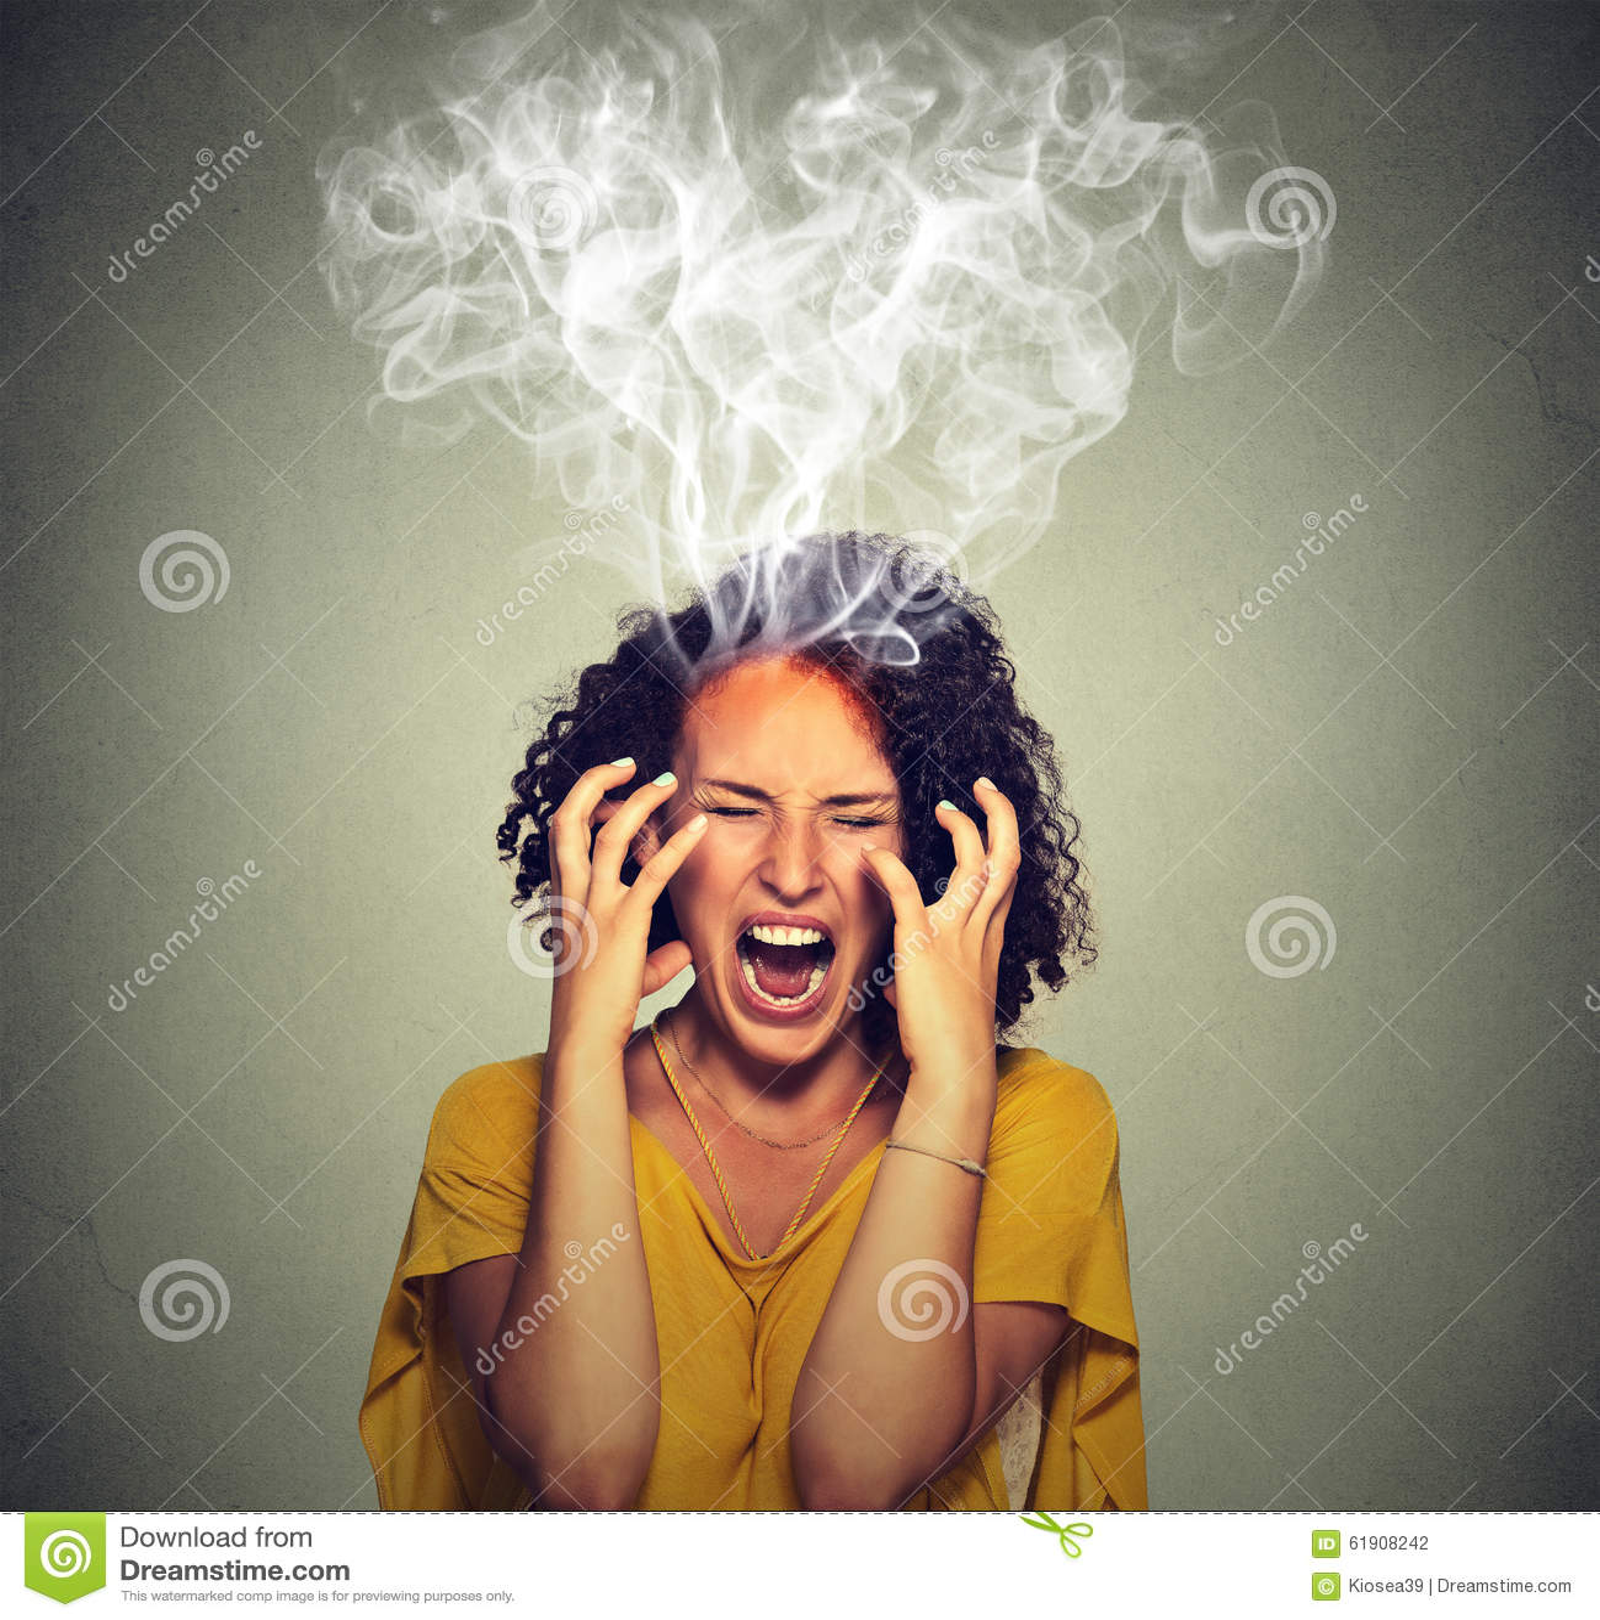 Πολύ 0 από τον καπνό ατμού κραυγής γυναικών που εμφανίζεται έξω του κεφαλιού